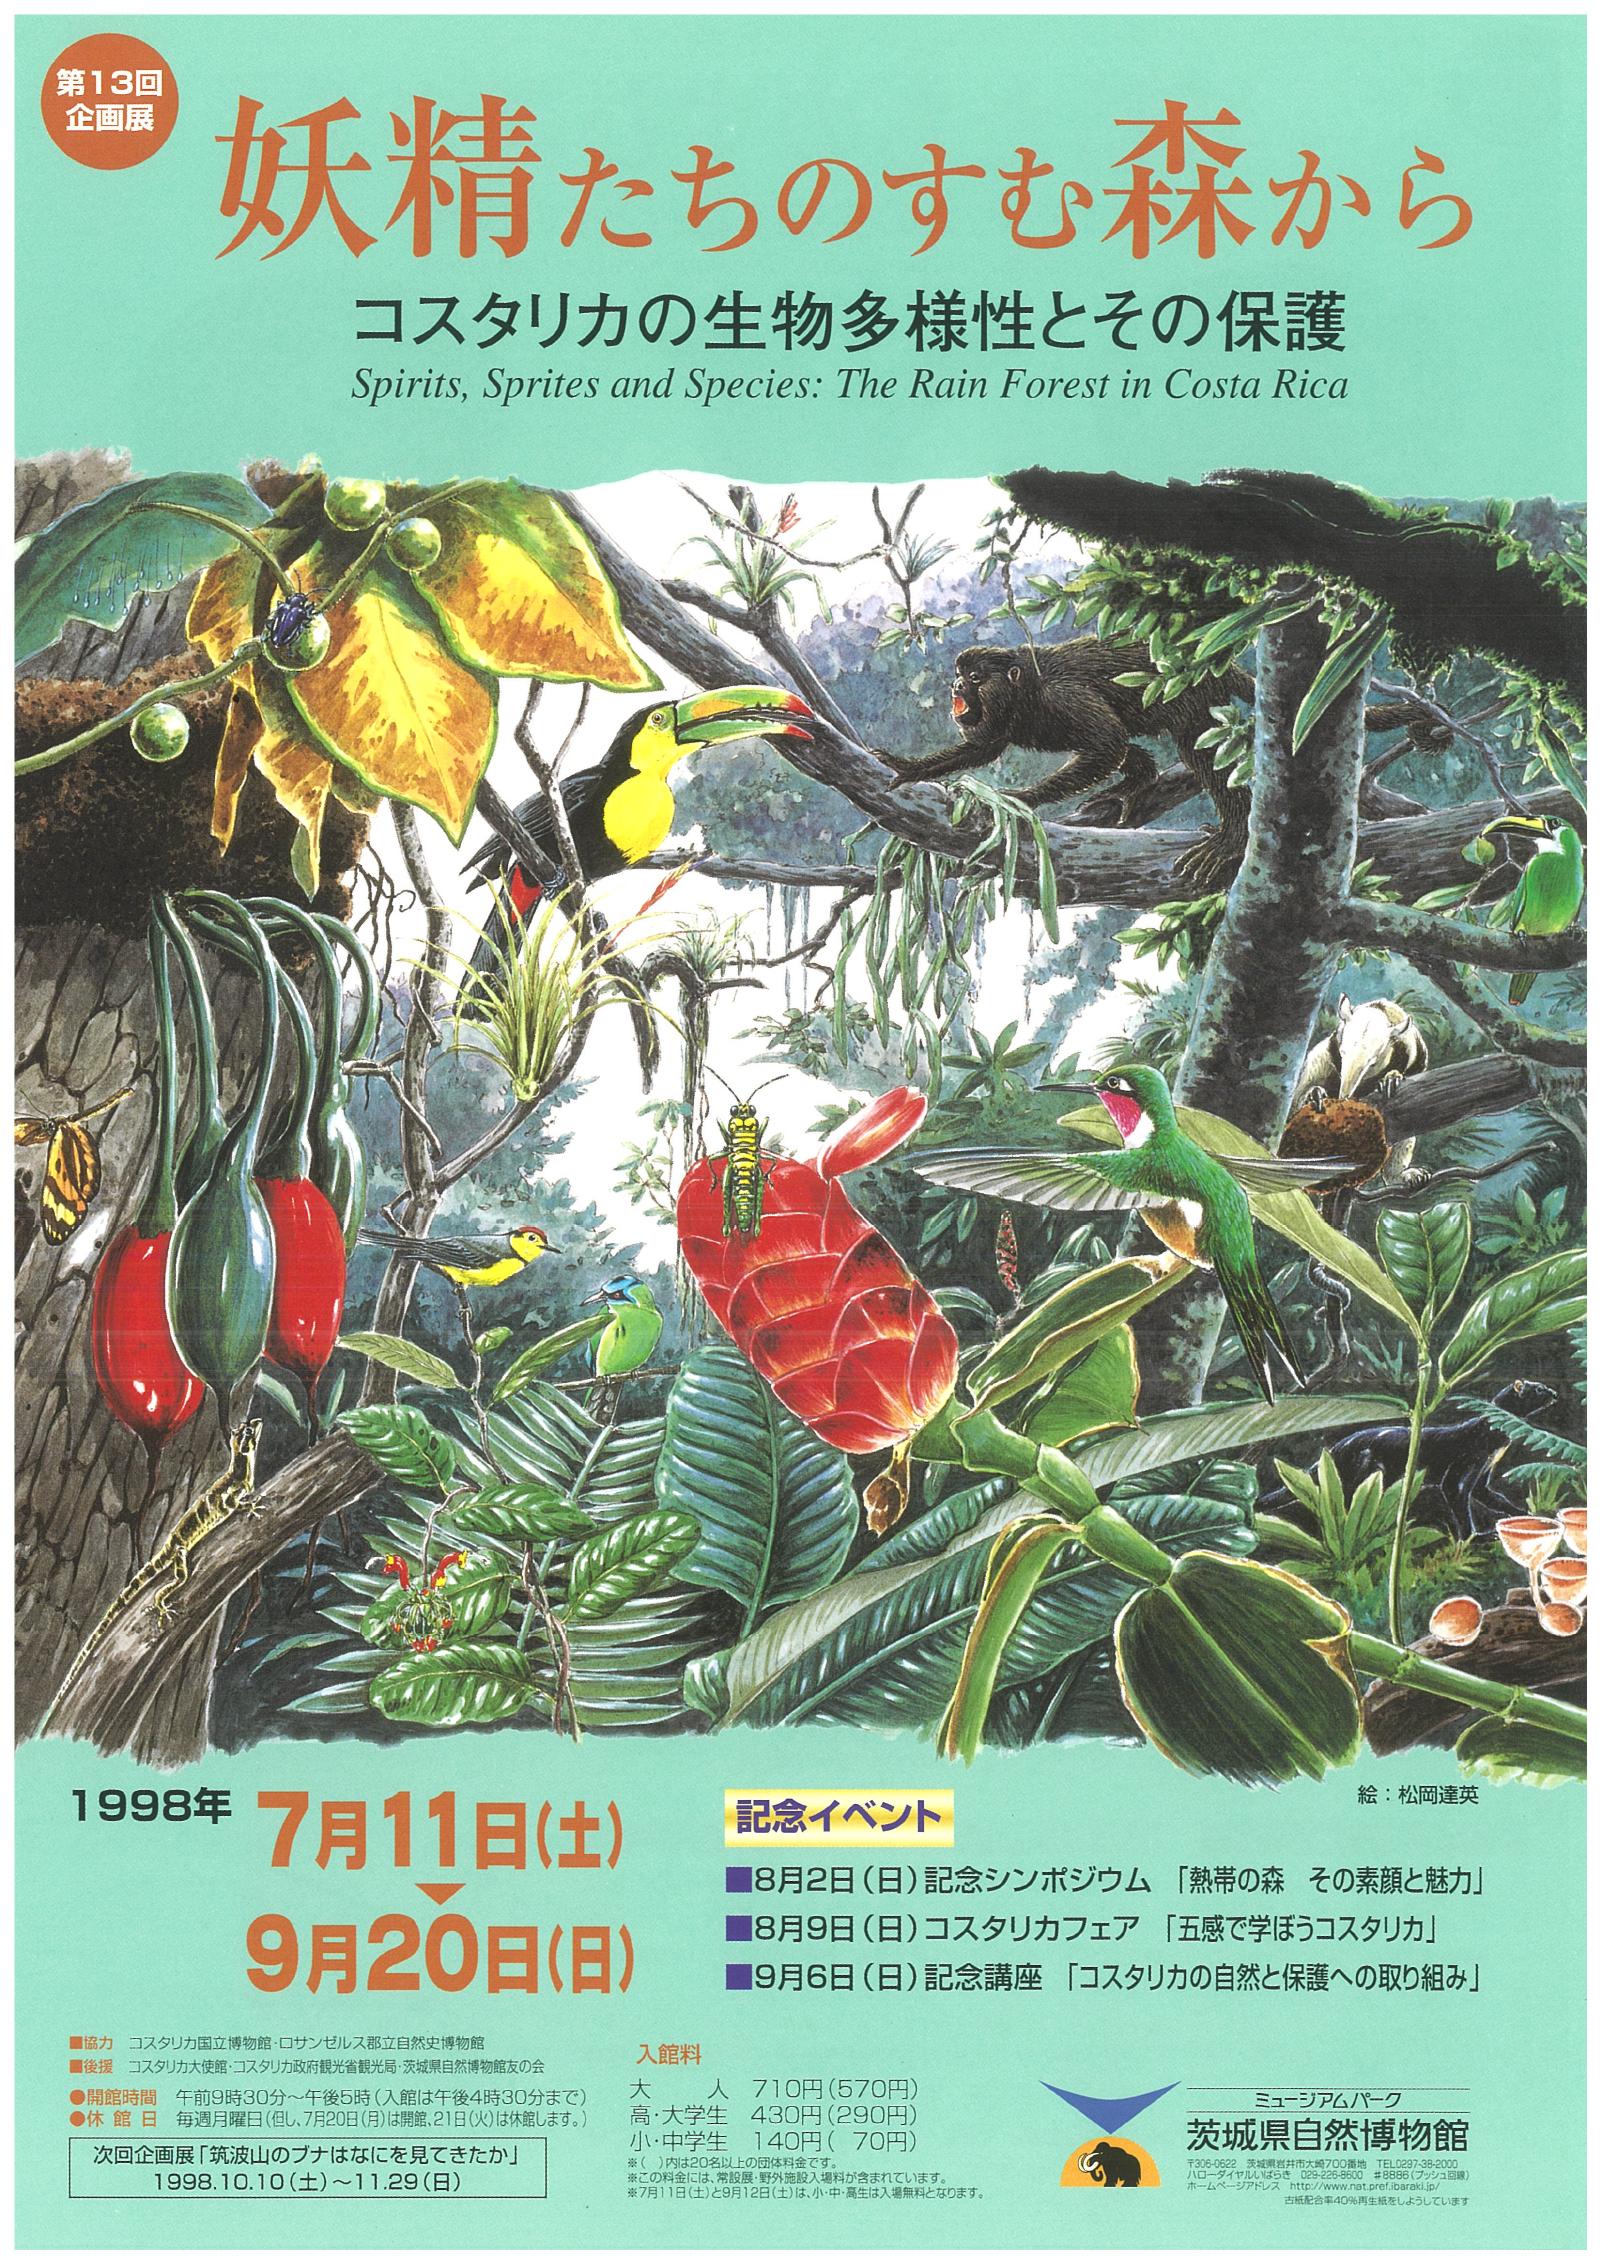 妖精たちのすむ森から -コスタリカの生物多様性とその保護-